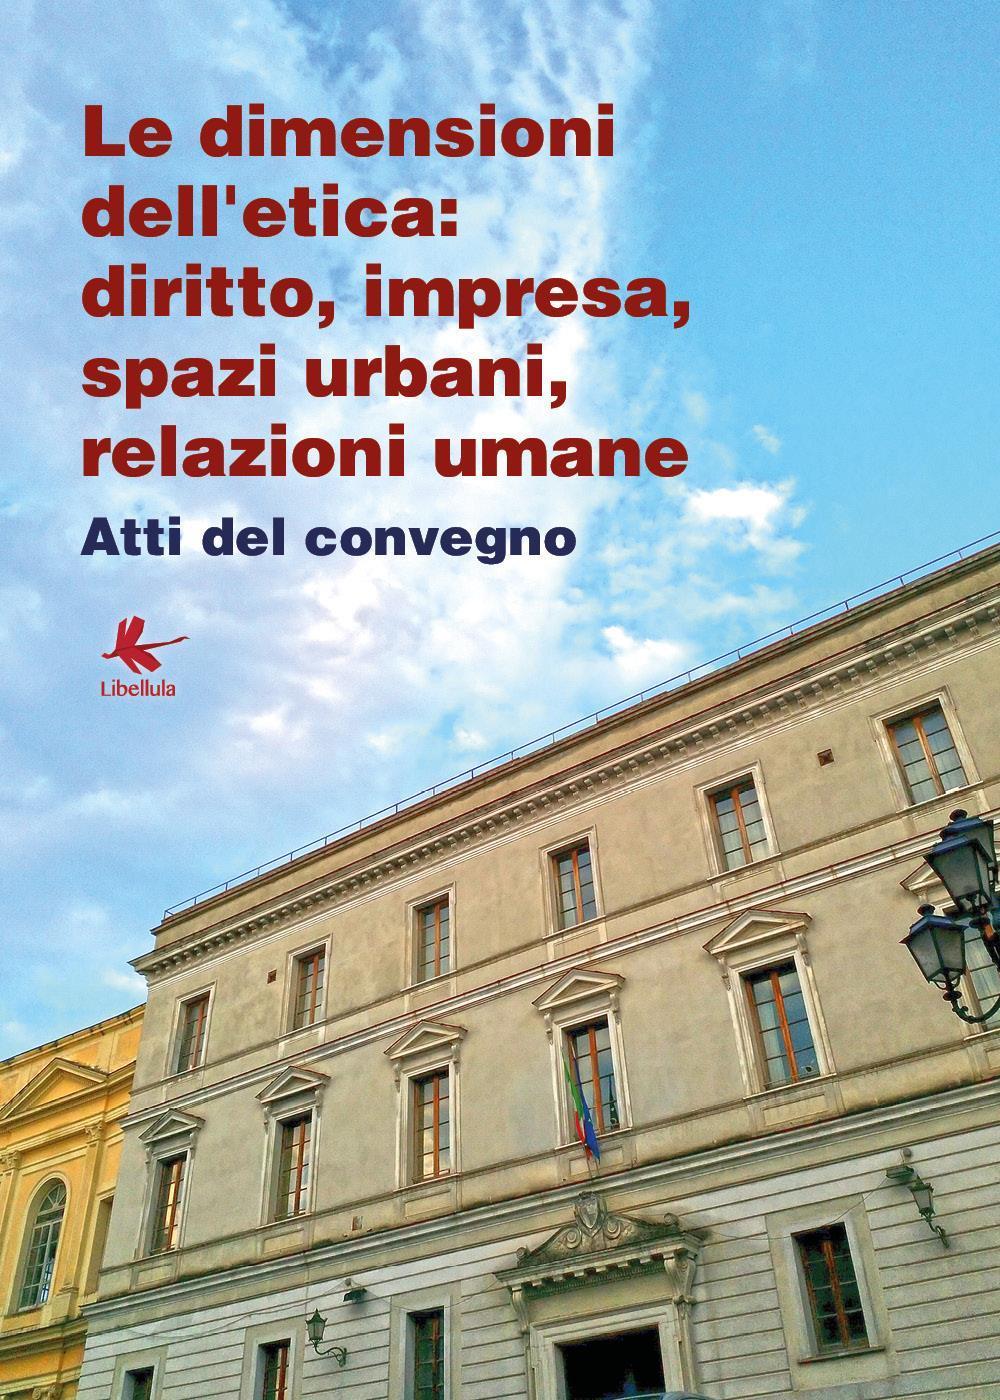 Le dimensioni dell'etica: diritto, impresa, spazi urbani, relazioni umane.